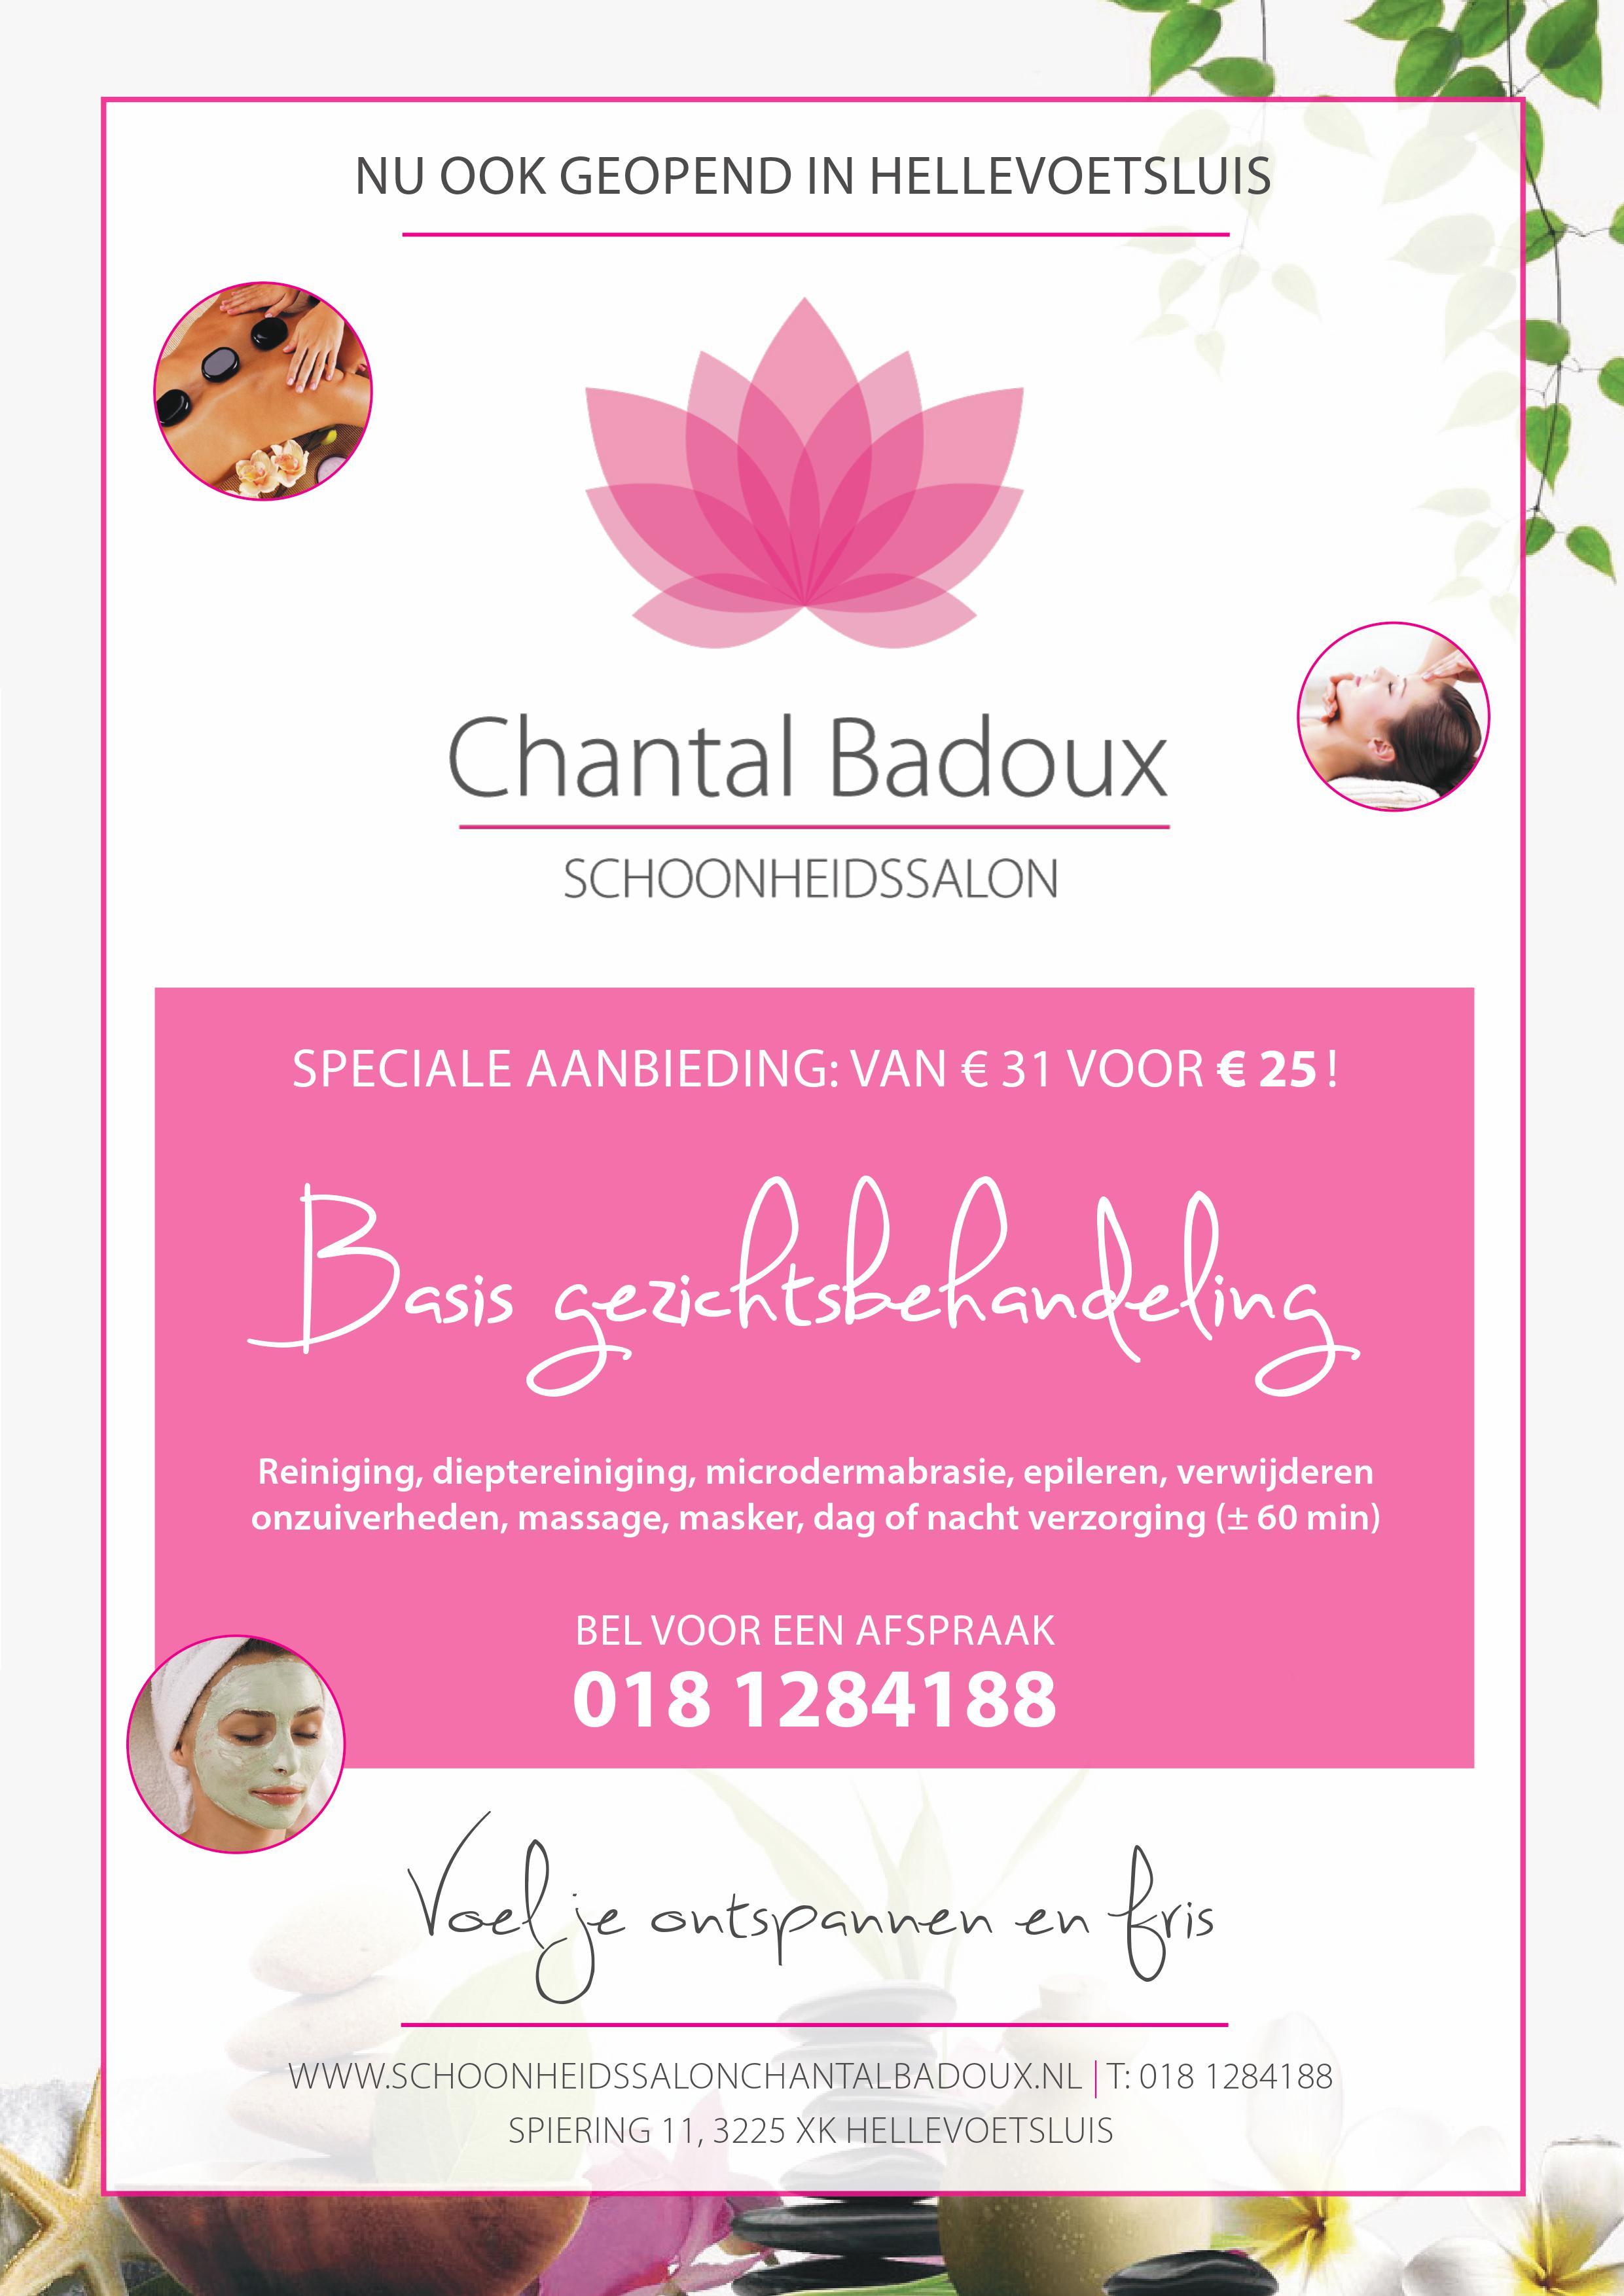 Chantal Badoux Schoonheidssalon actie